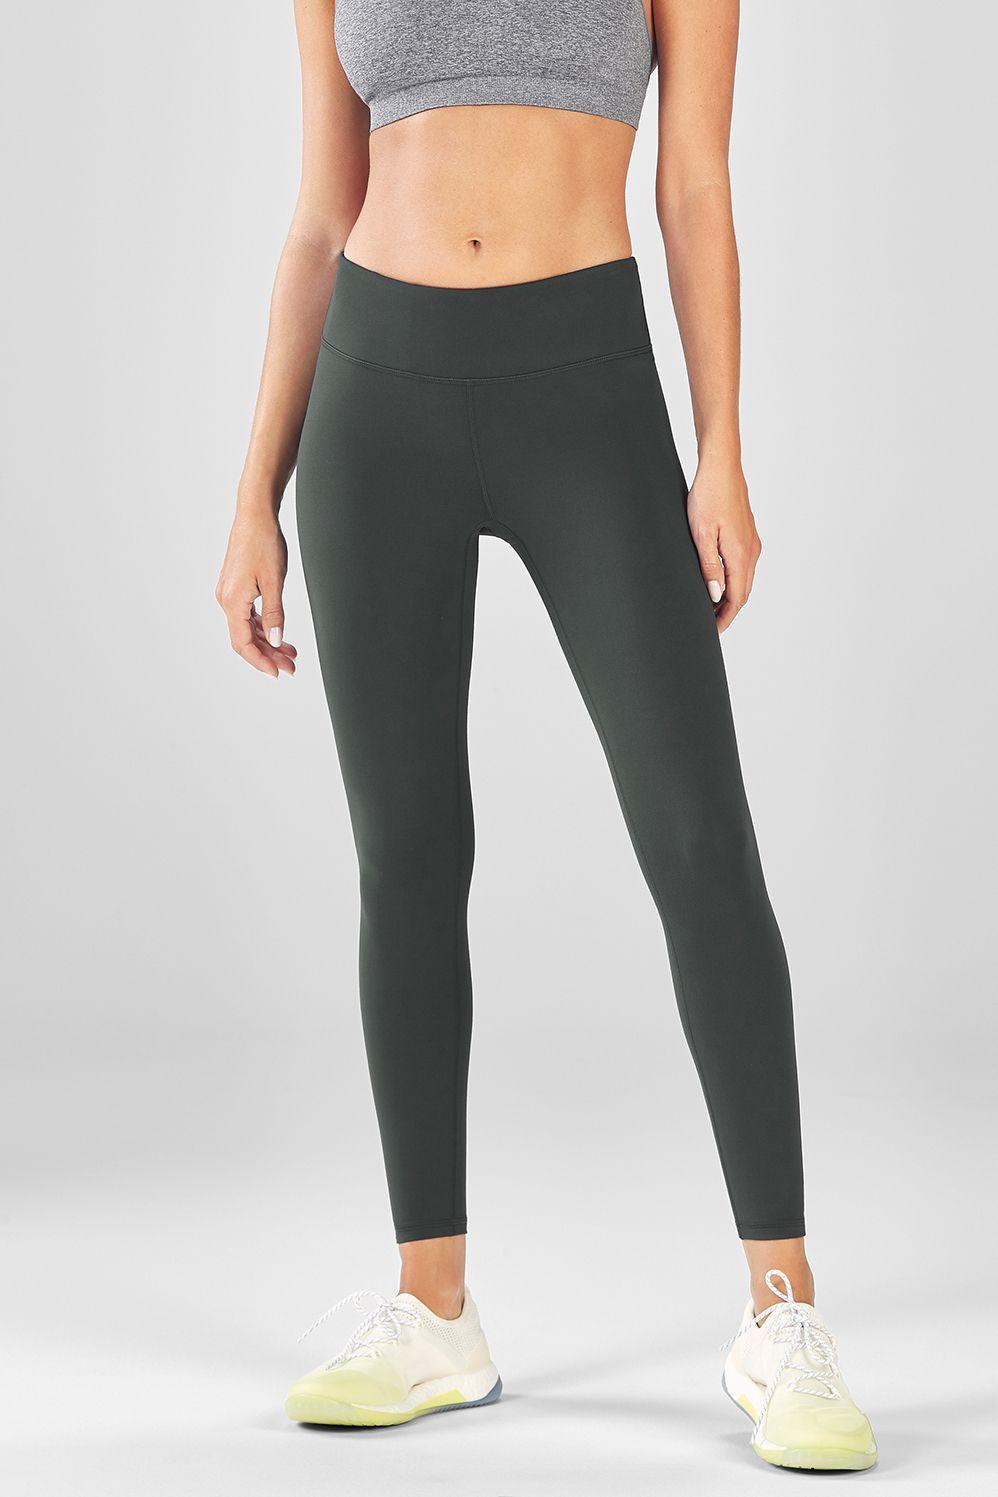 f9943dd44bced Salar Solid PowerHold® Legging in 2019 | My Style | Fashion, Skinny ...